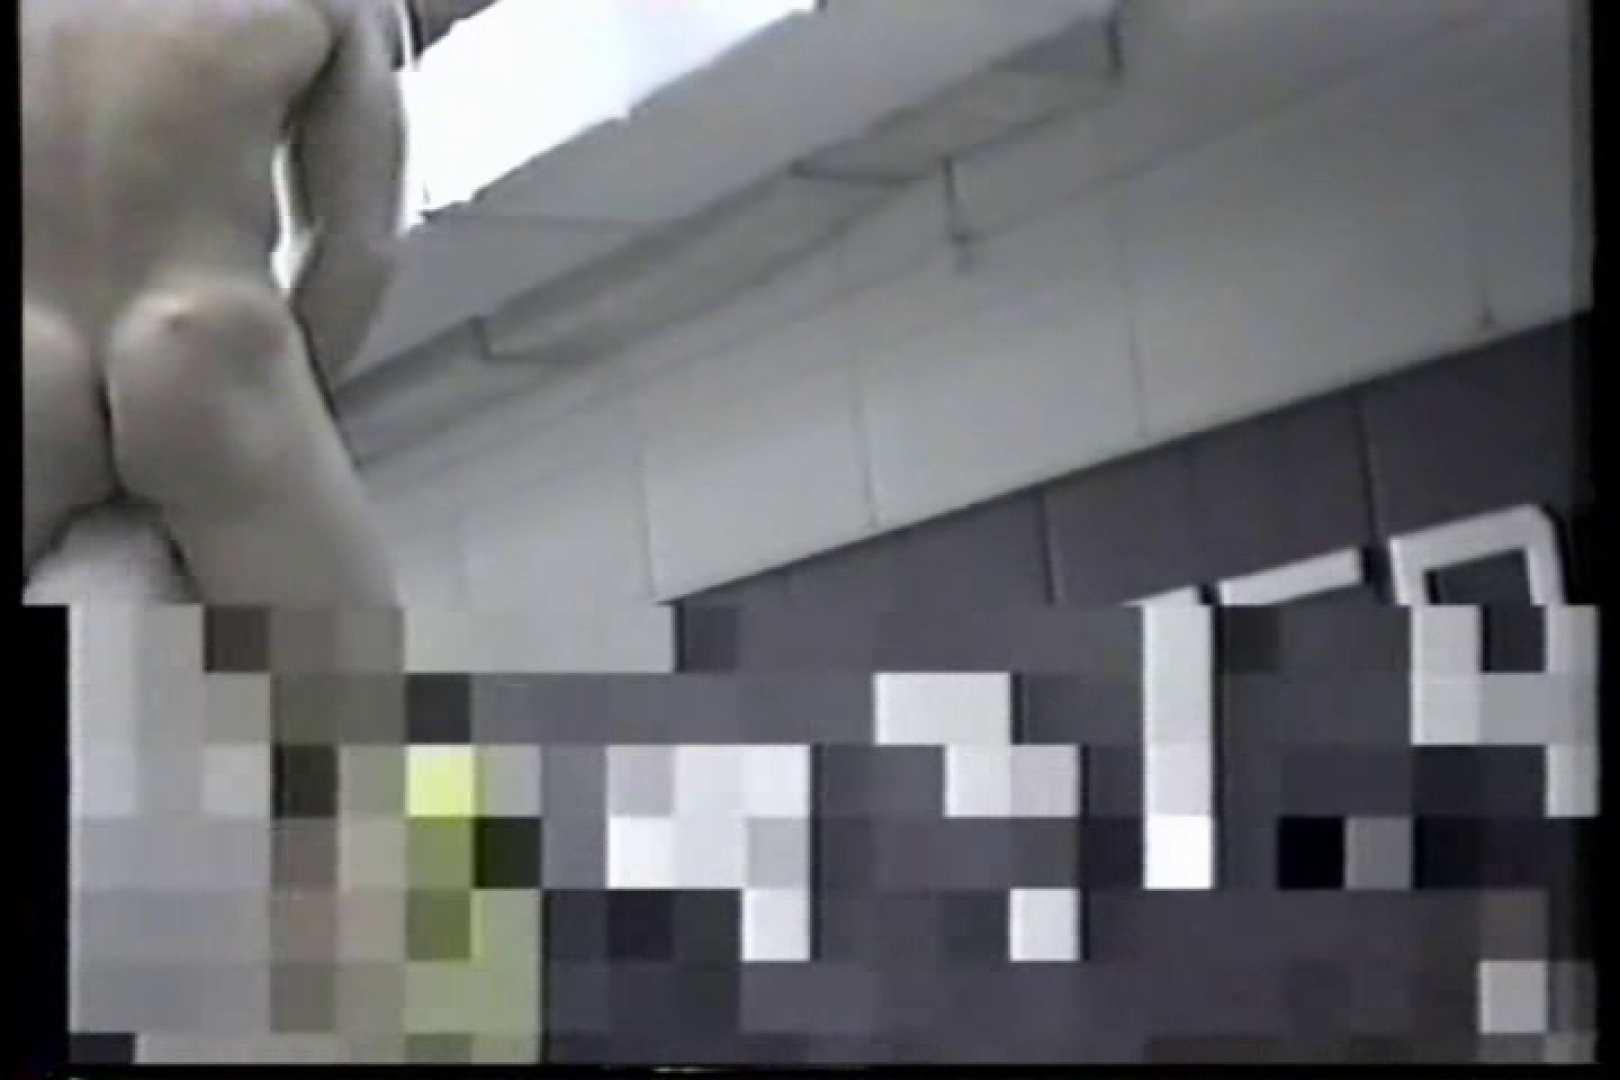 洋人さんの脱衣所を覗いてみました。VOL.1 完全無修正でお届け | ノンケボーイズ  66pic 30